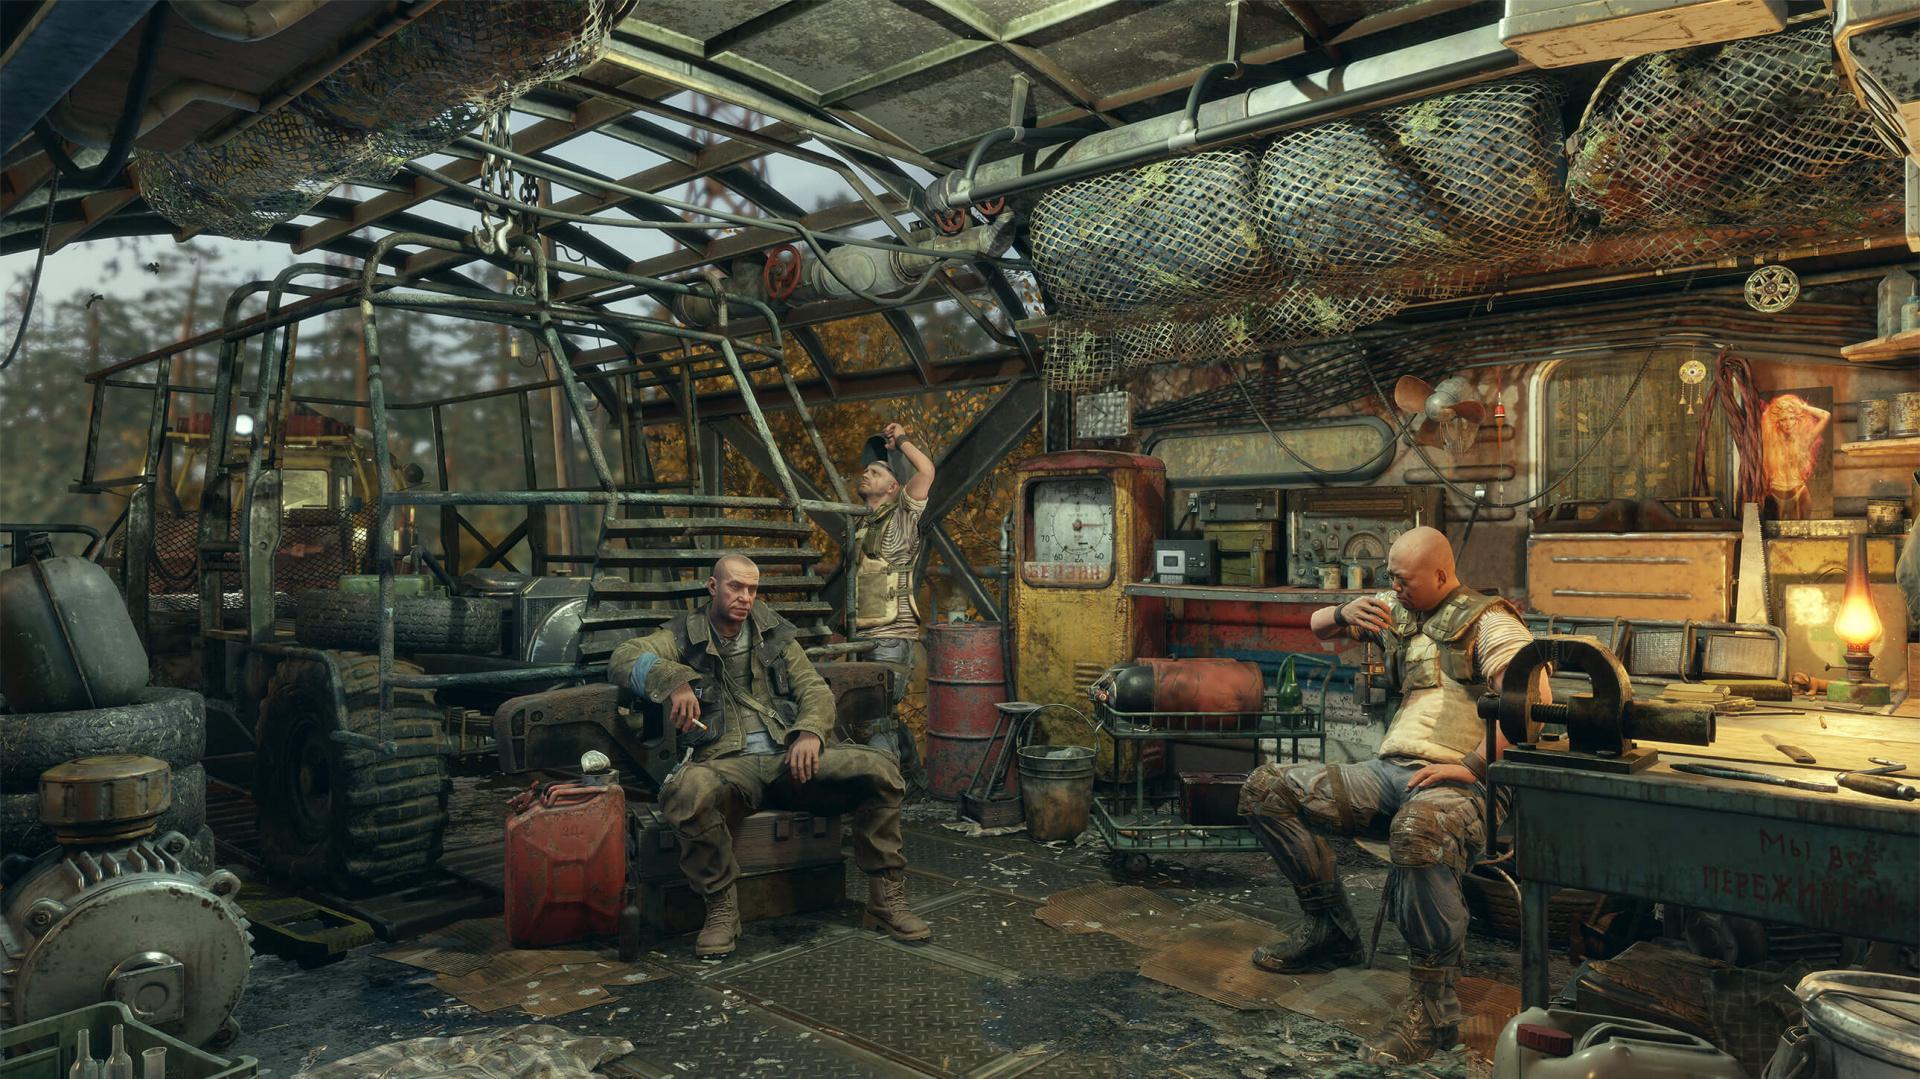 В Epic Games Store стартовала новая распродажа со скидками до 70%